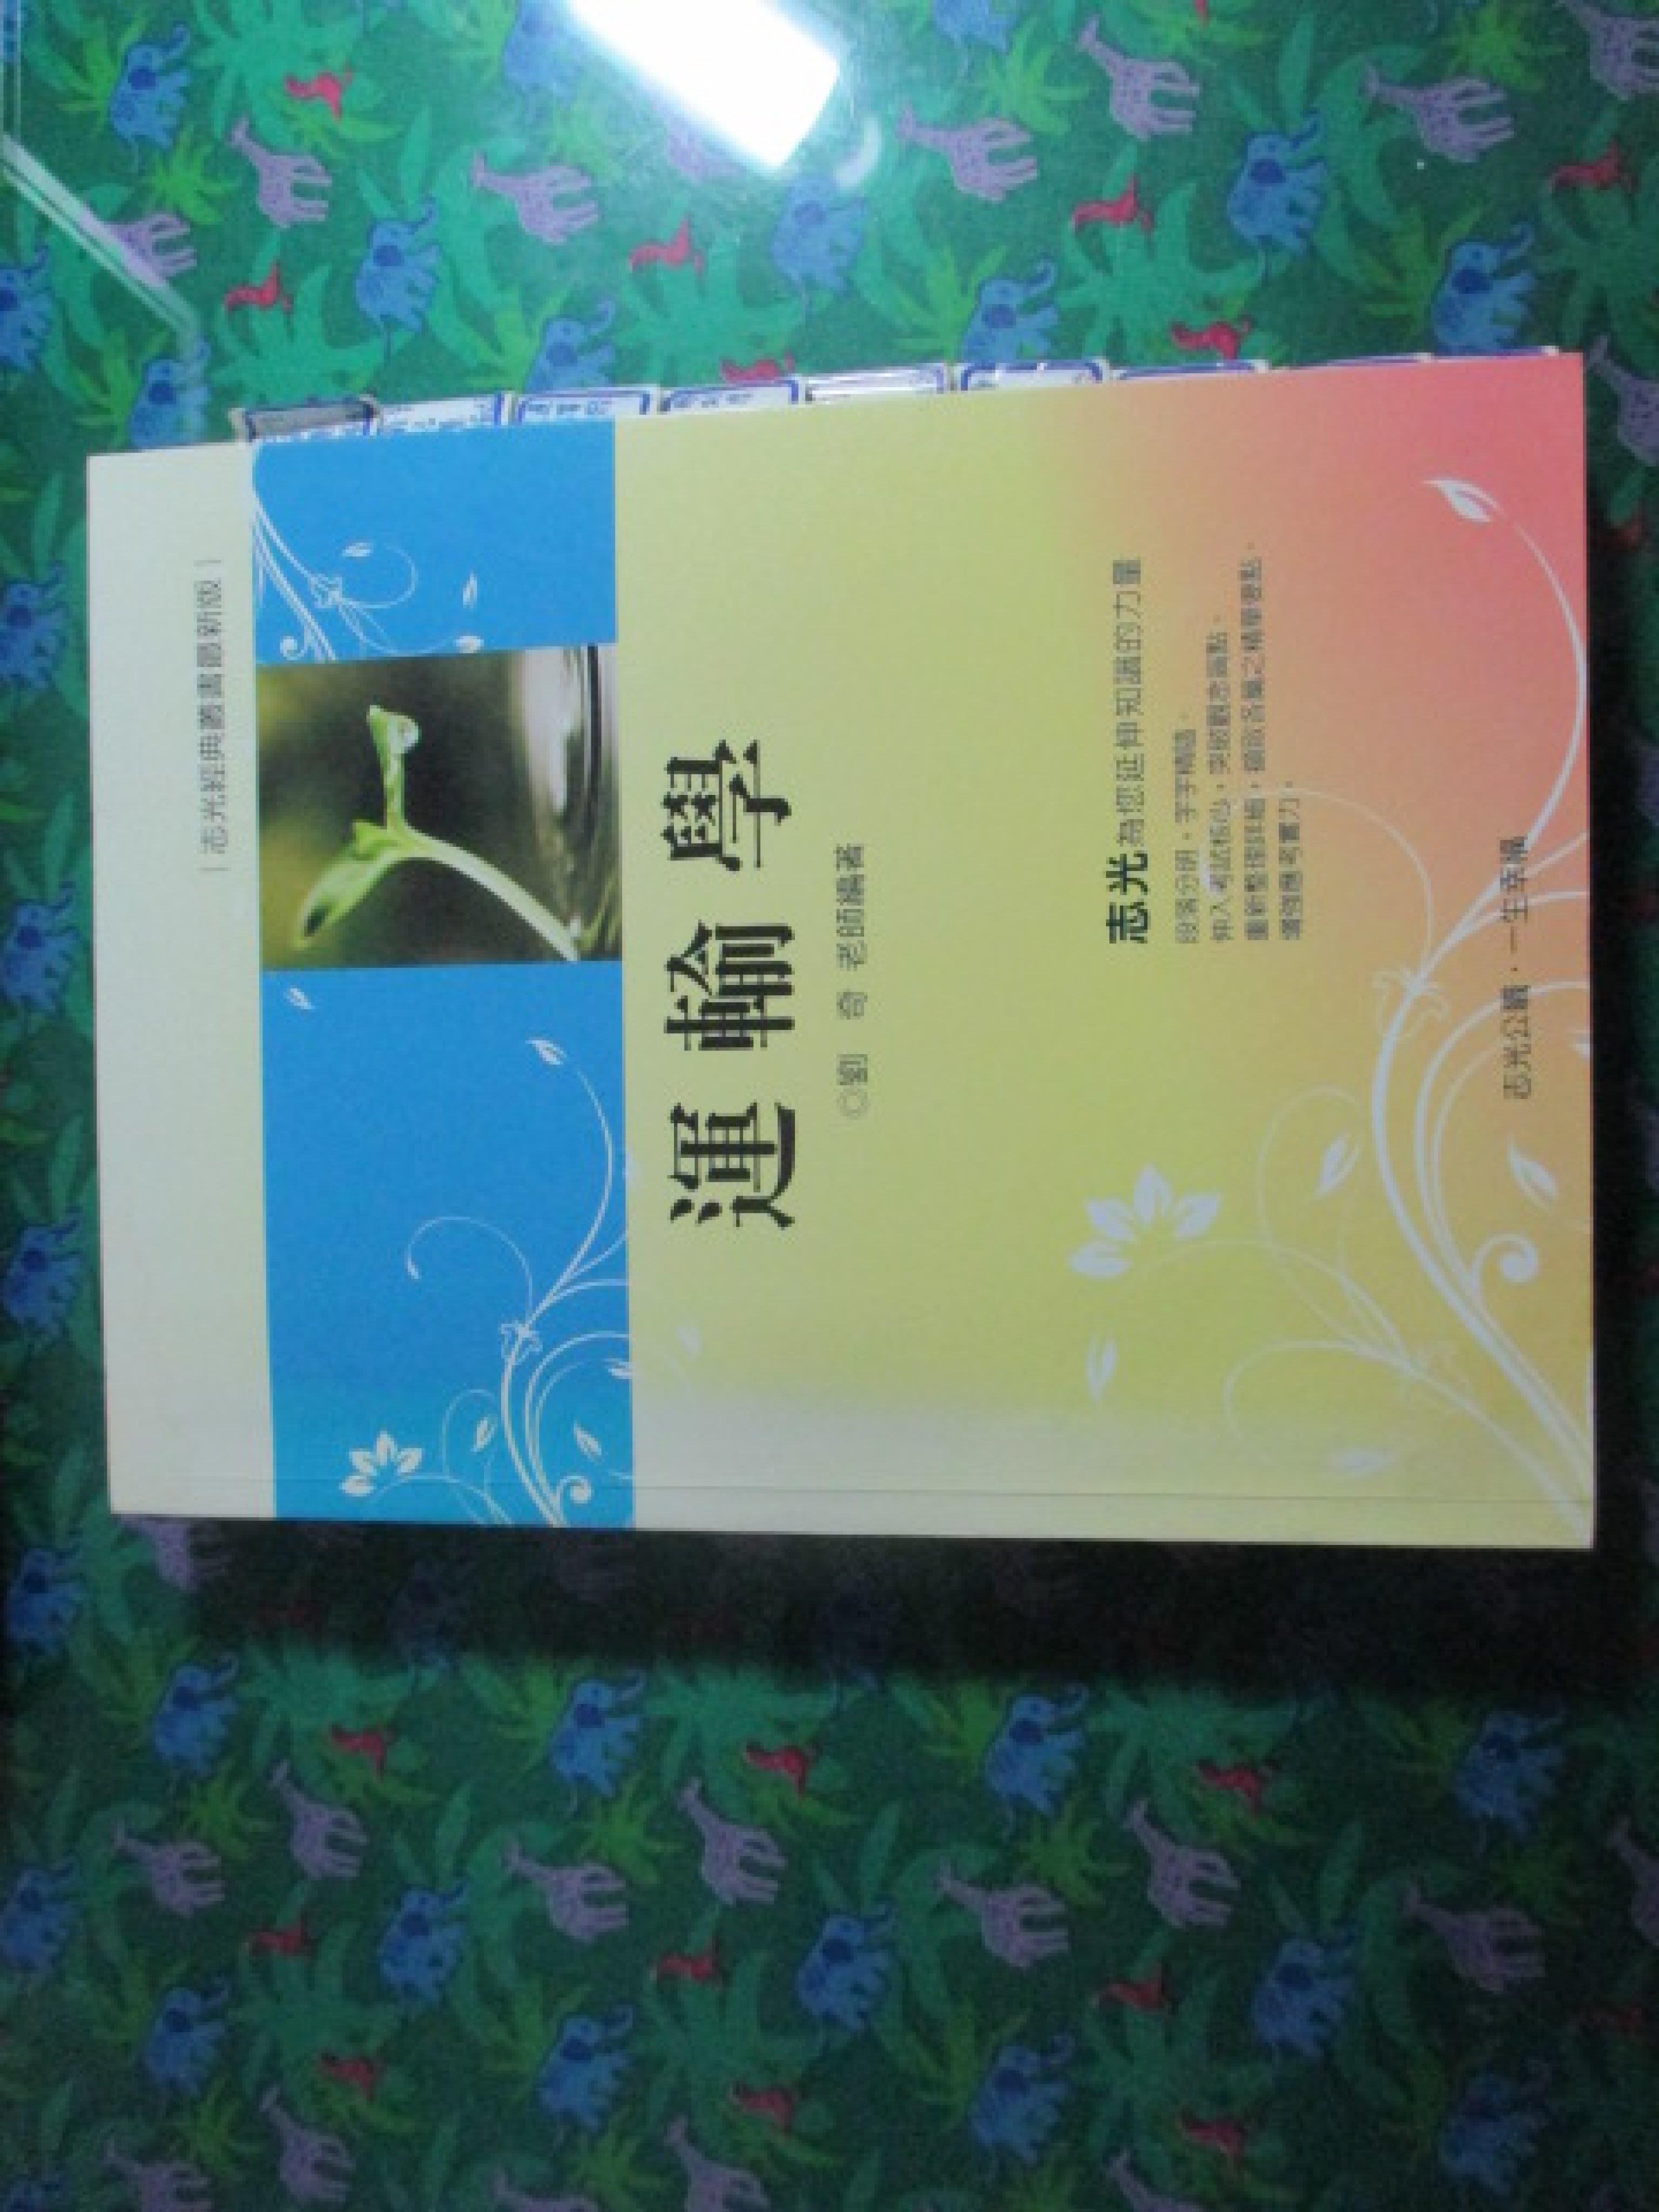 【鑽石城二手書】2009運輸學 劉奇  志光 A9A33 鐵路特考 有筆記